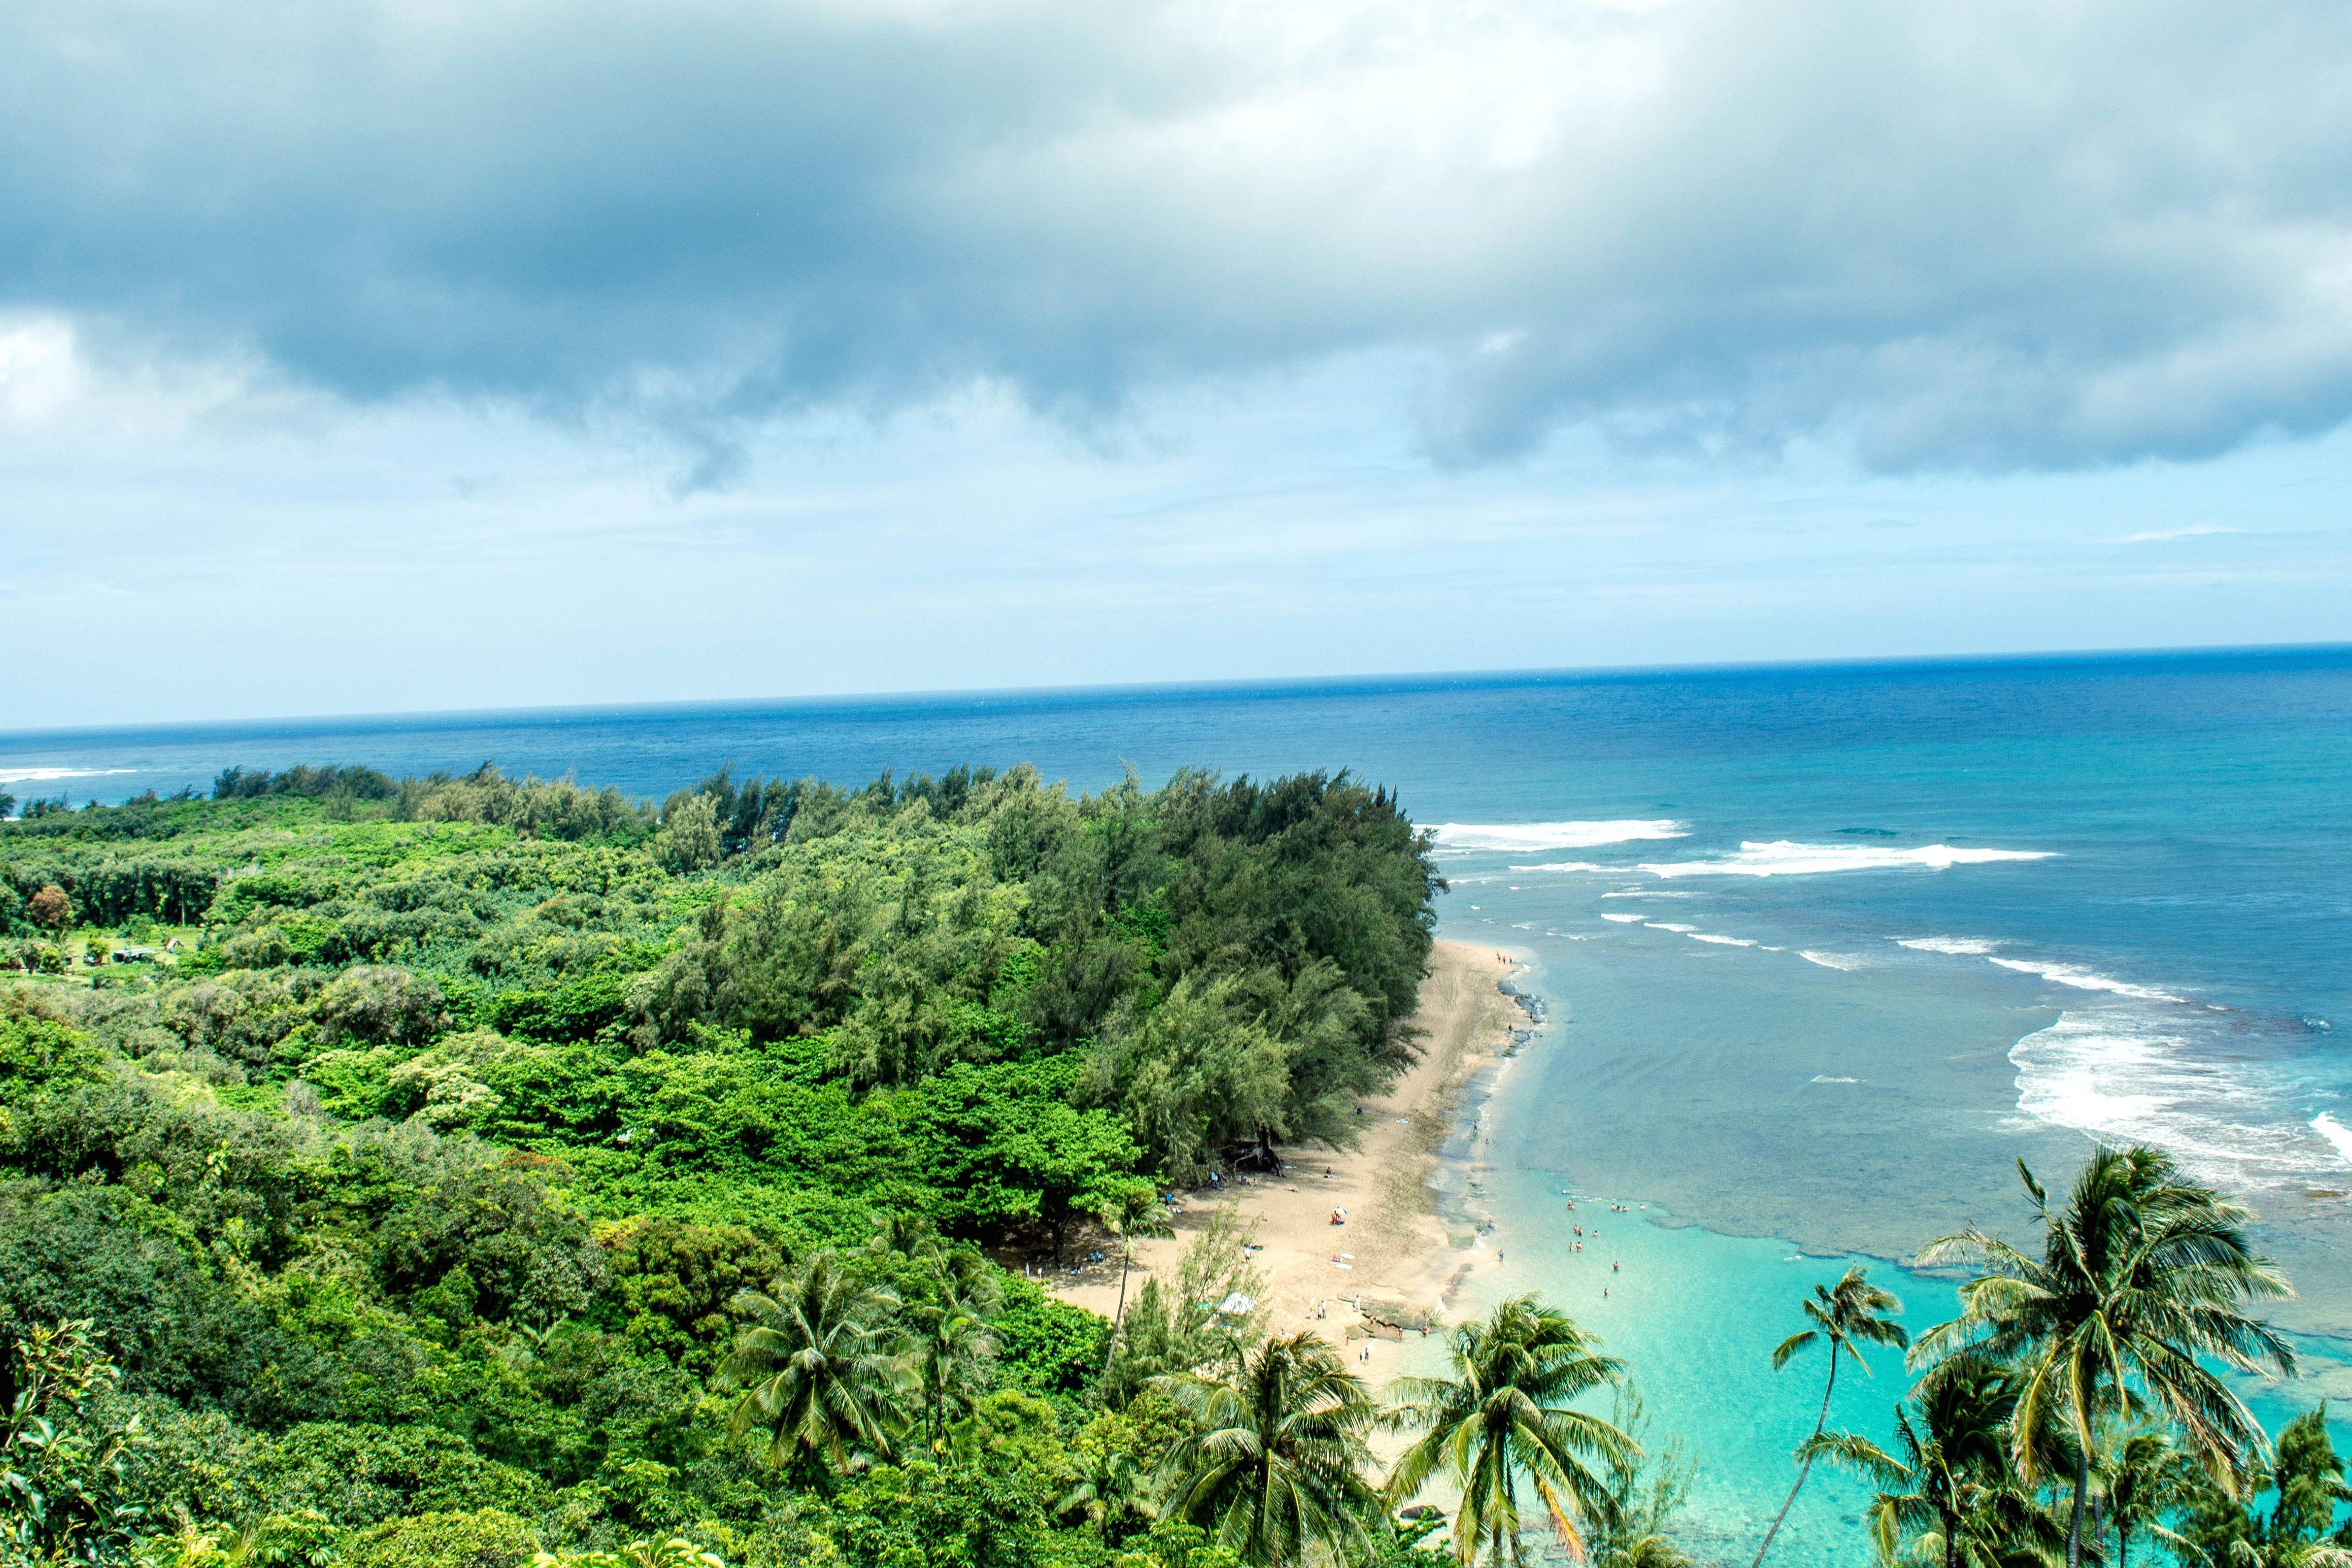 image libre paradis lagune ciel eau paysage mer ete ocean plage arbre